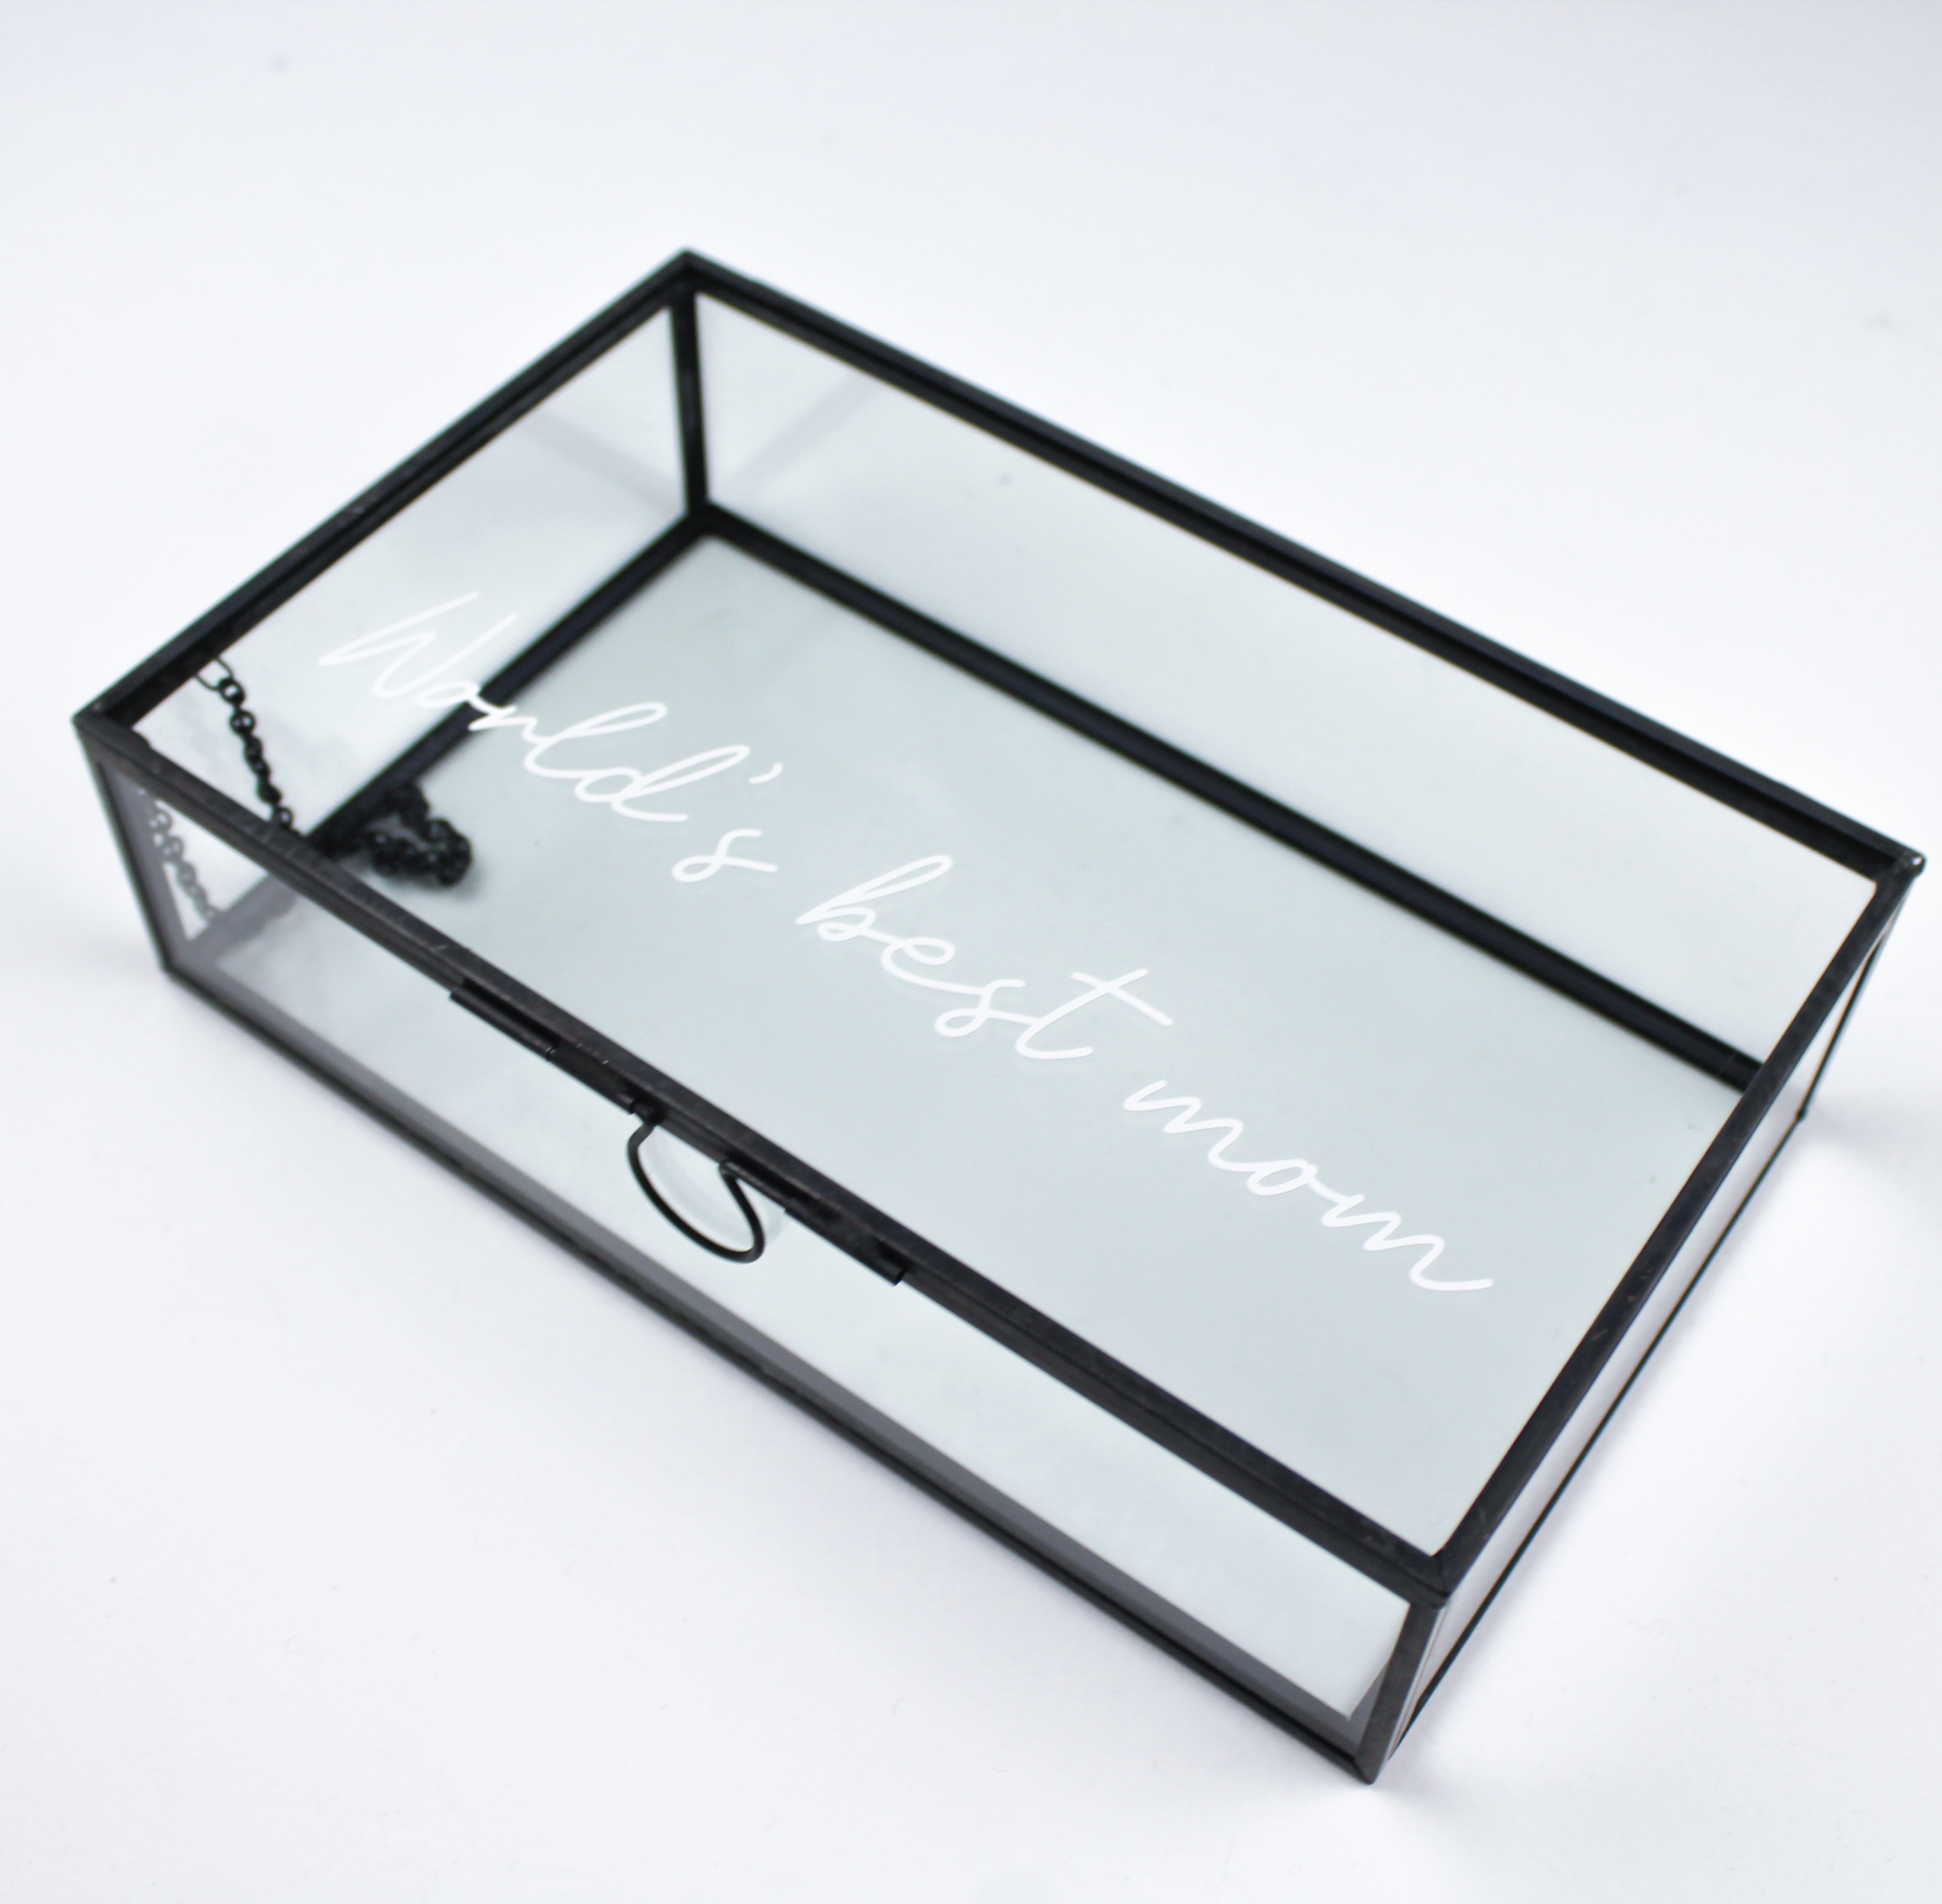 memorybox messing box glazen box bedrukt persoonlijk gepersonaliseerd cadeau ideefabriek